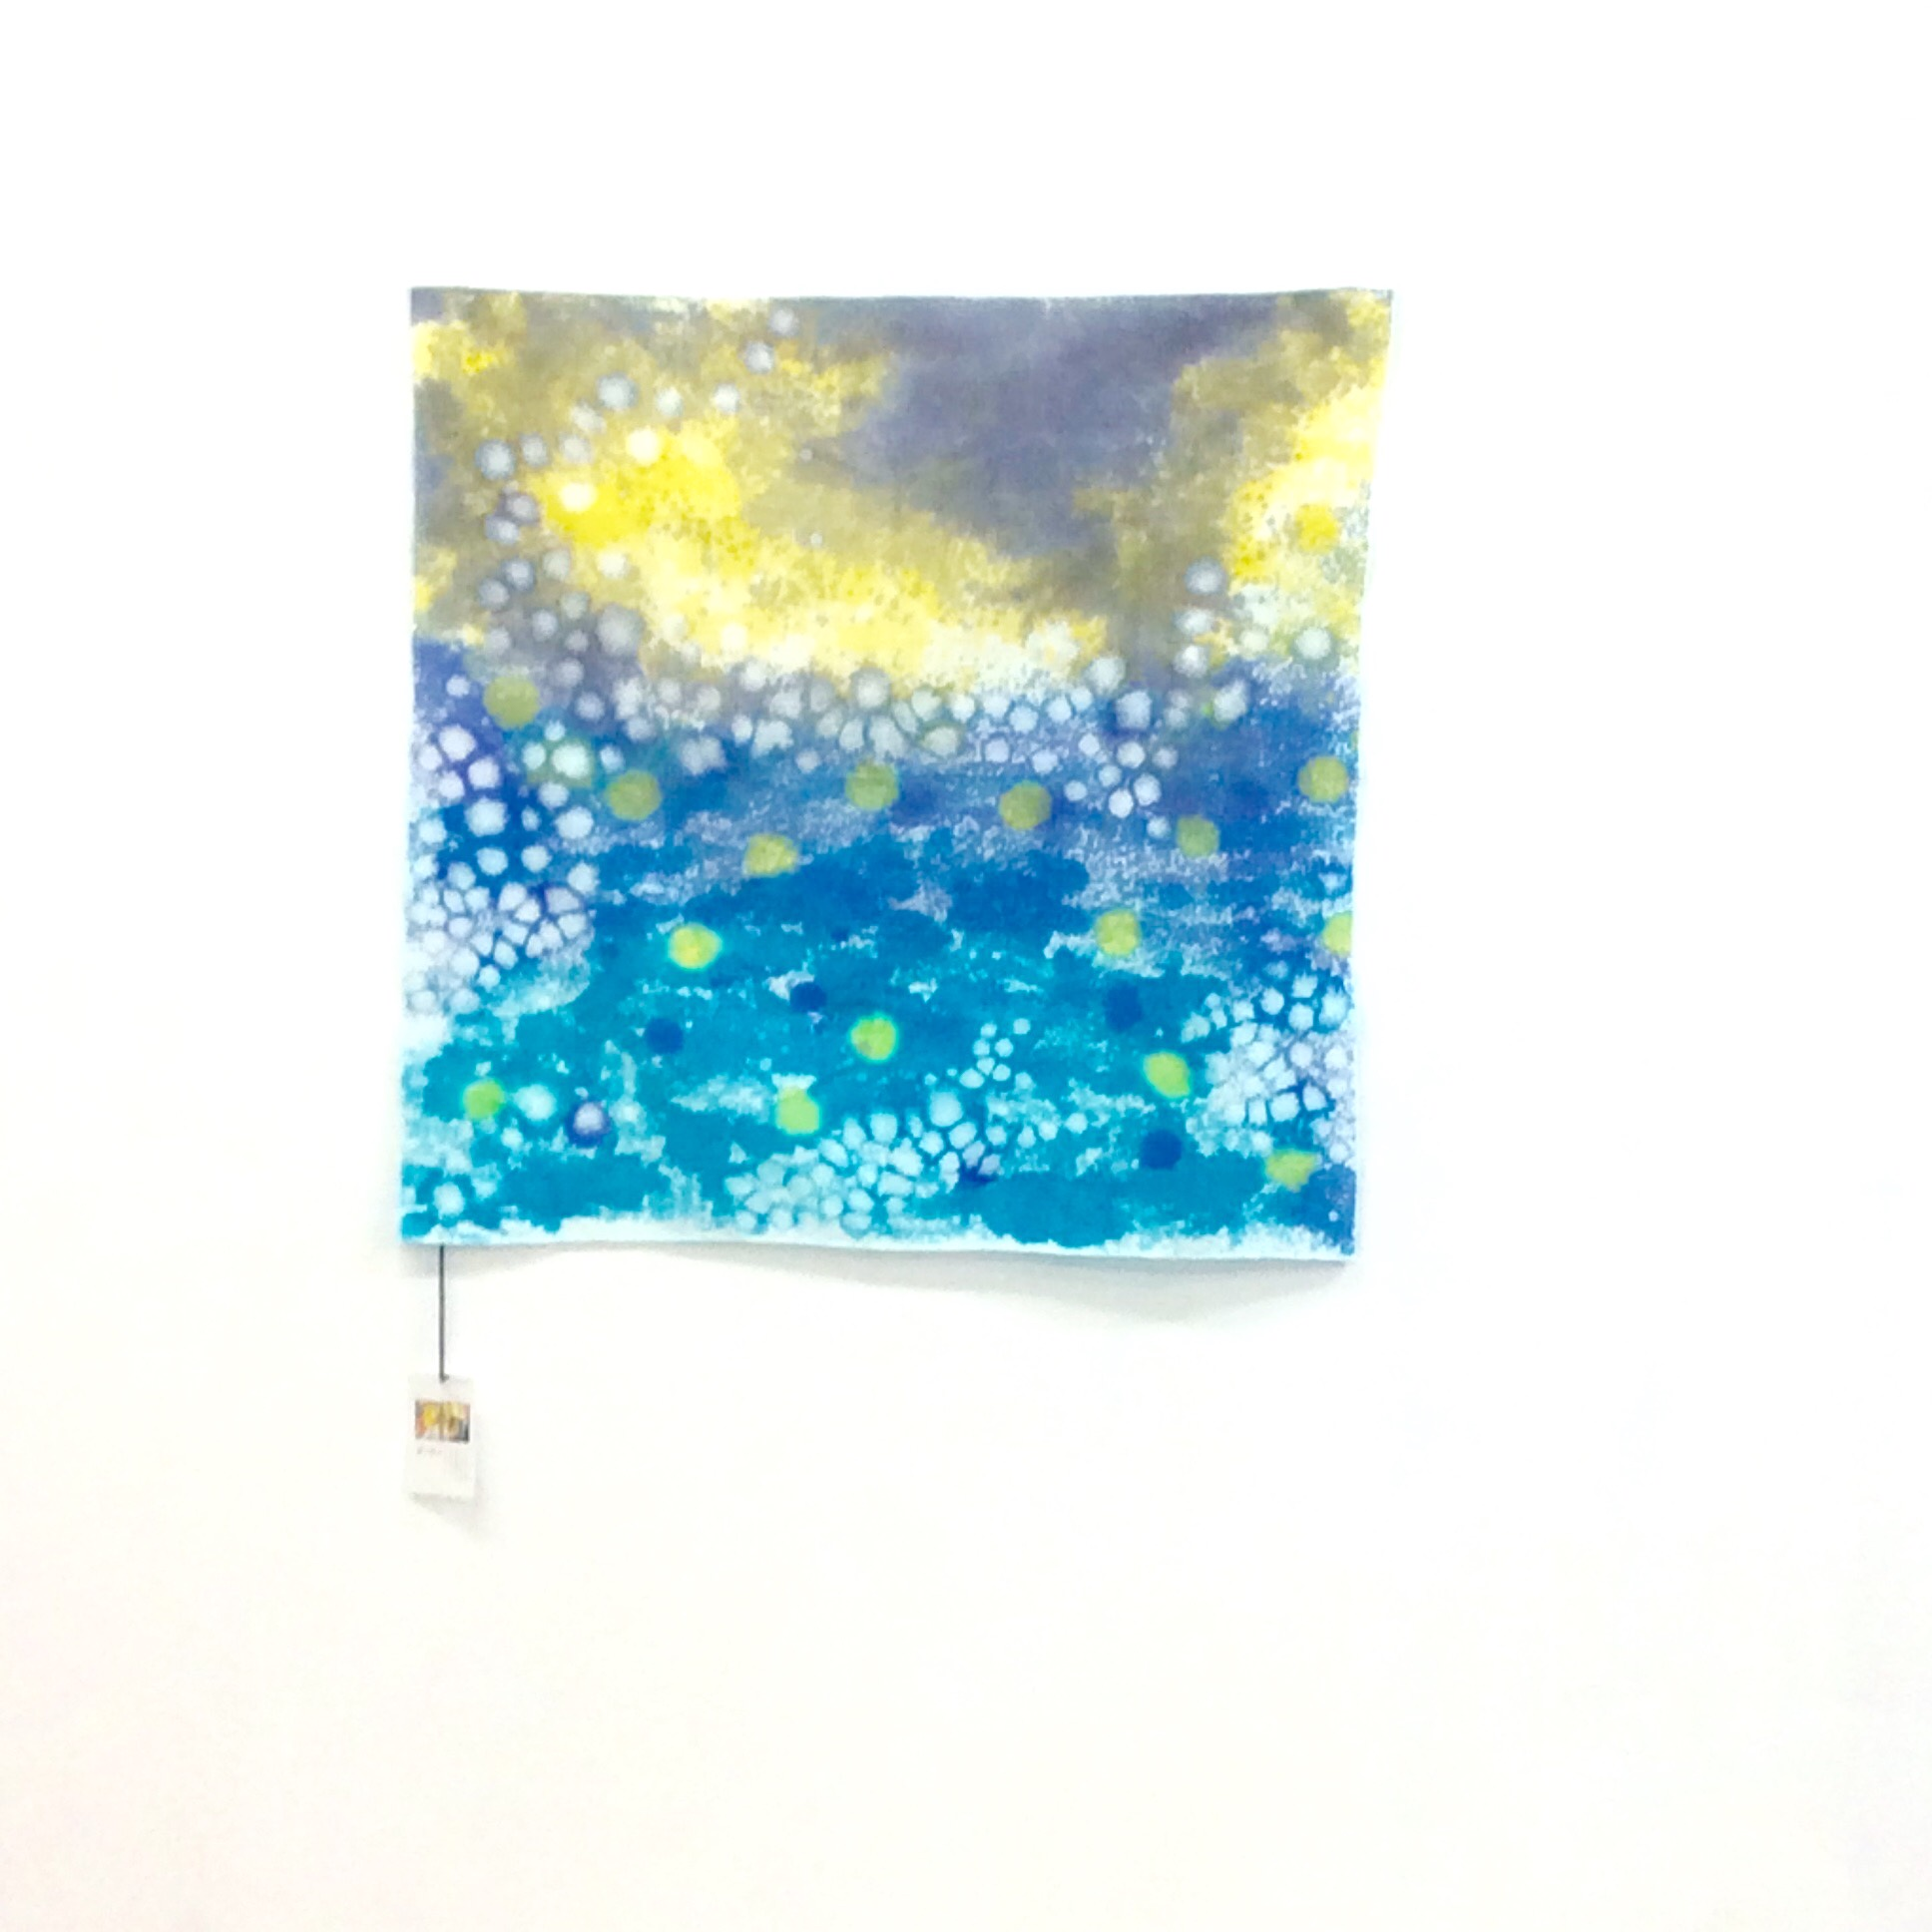 スプラッシュ染めスカーフa画像